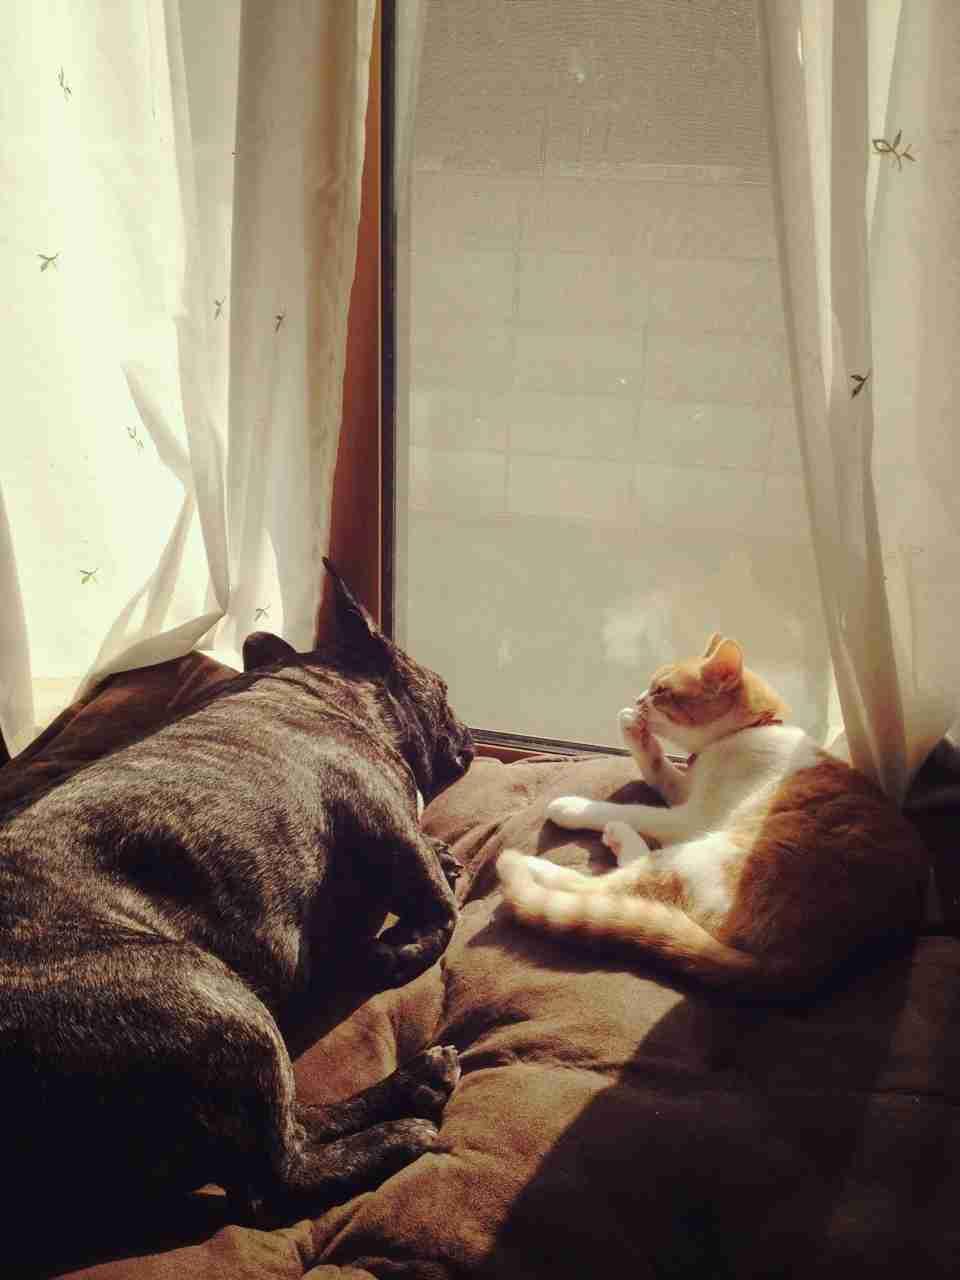 犬と猫どちらも飼ってる方U^ェ^U  (=^ェ^=)